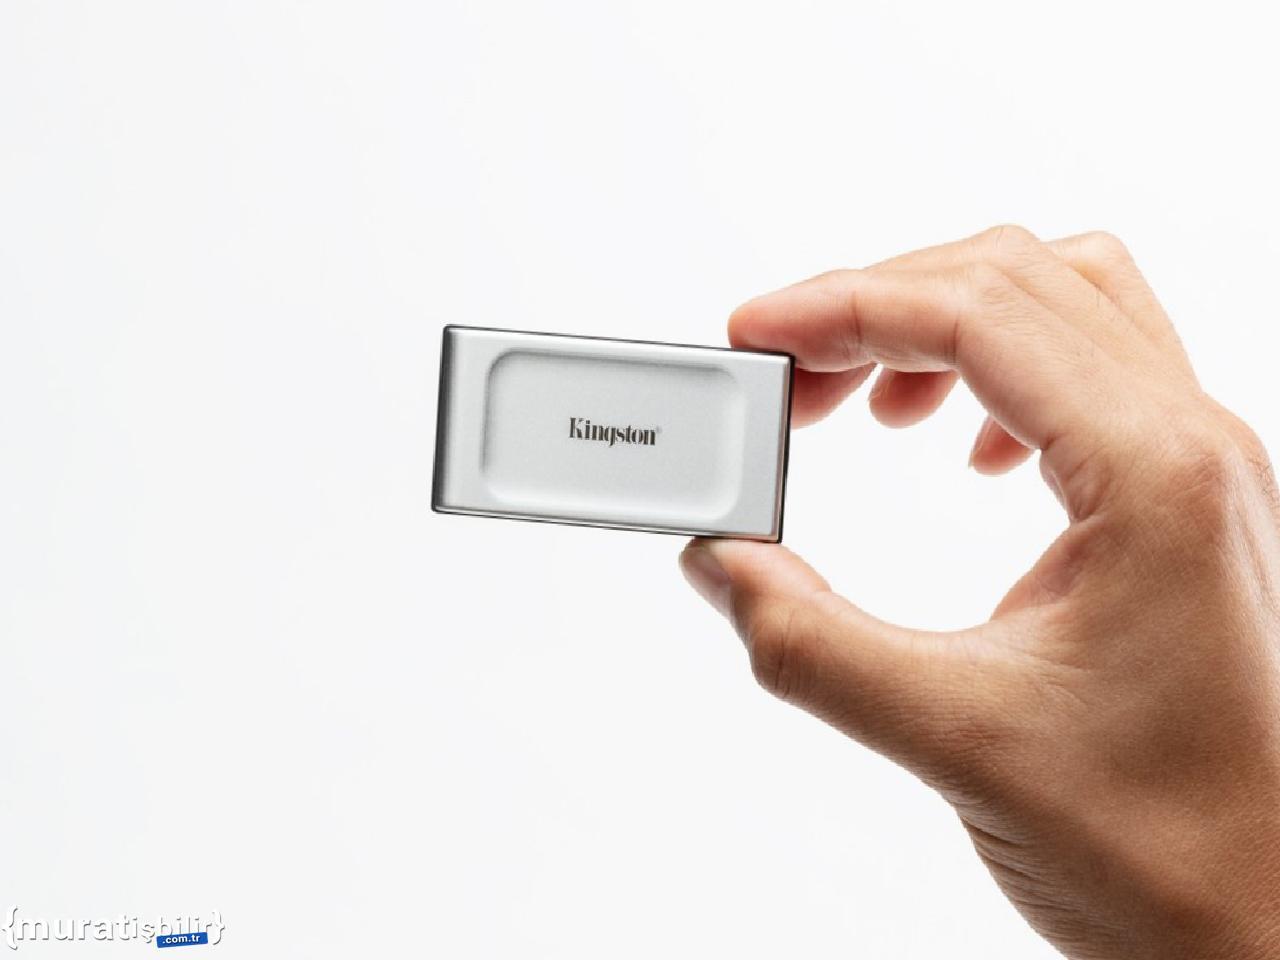 Kingston, Yeni XS2000 Taşınabilir SSD Diskini Tanıttı